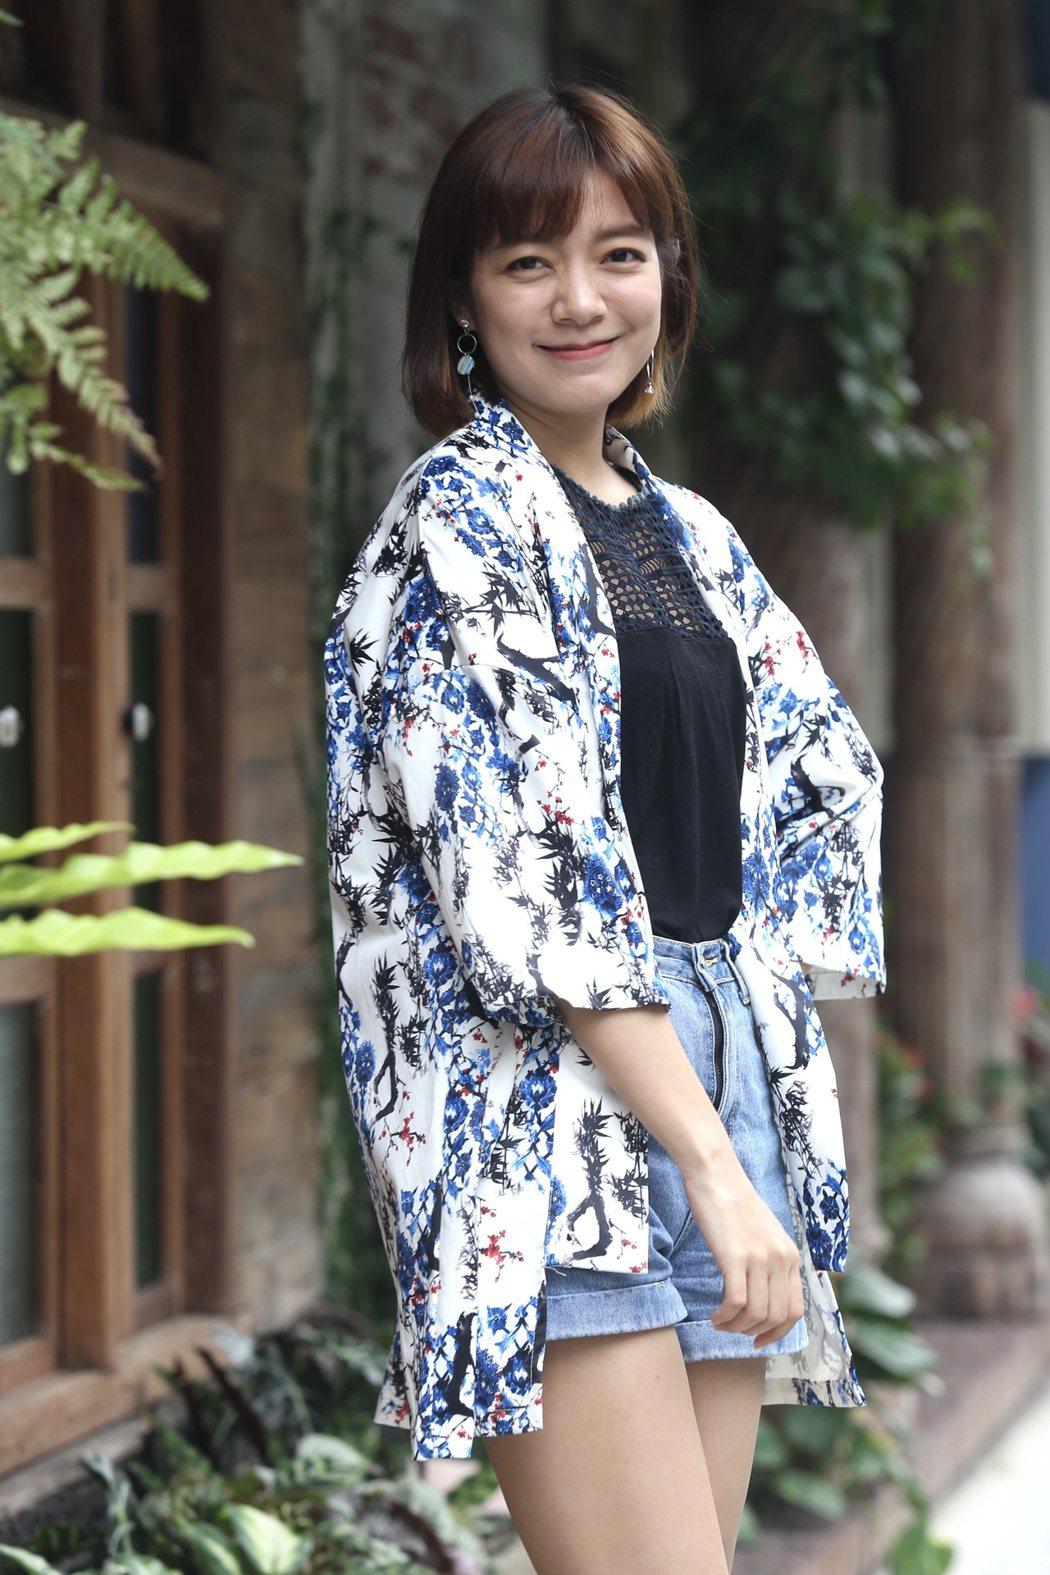 林雨宣經常在戲劇中詮釋「任性小公主」,她澄清本人並不是。記者林俊良/攝影